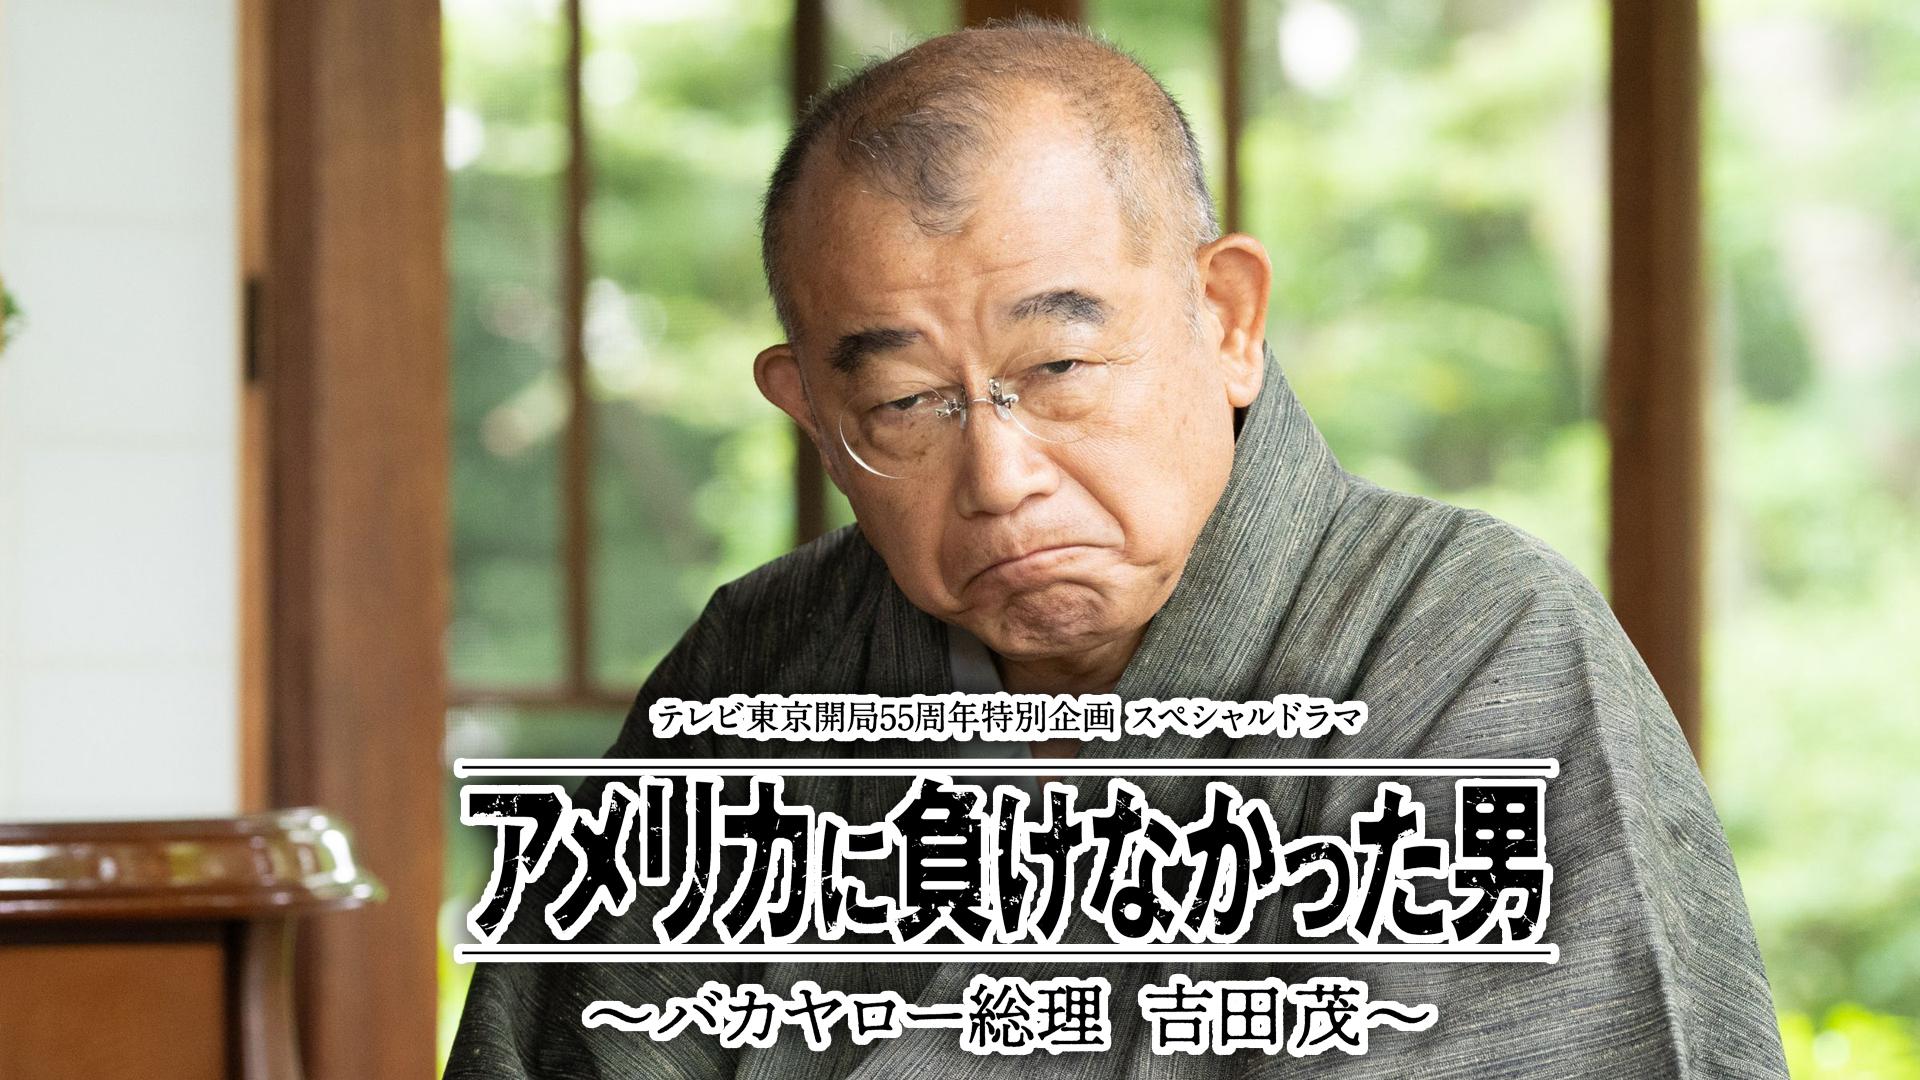 アメリカに負けなかった男~バカヤロー総理 吉田茂~(テレビ東京開局55周年特別企画スペシャルドラマ)